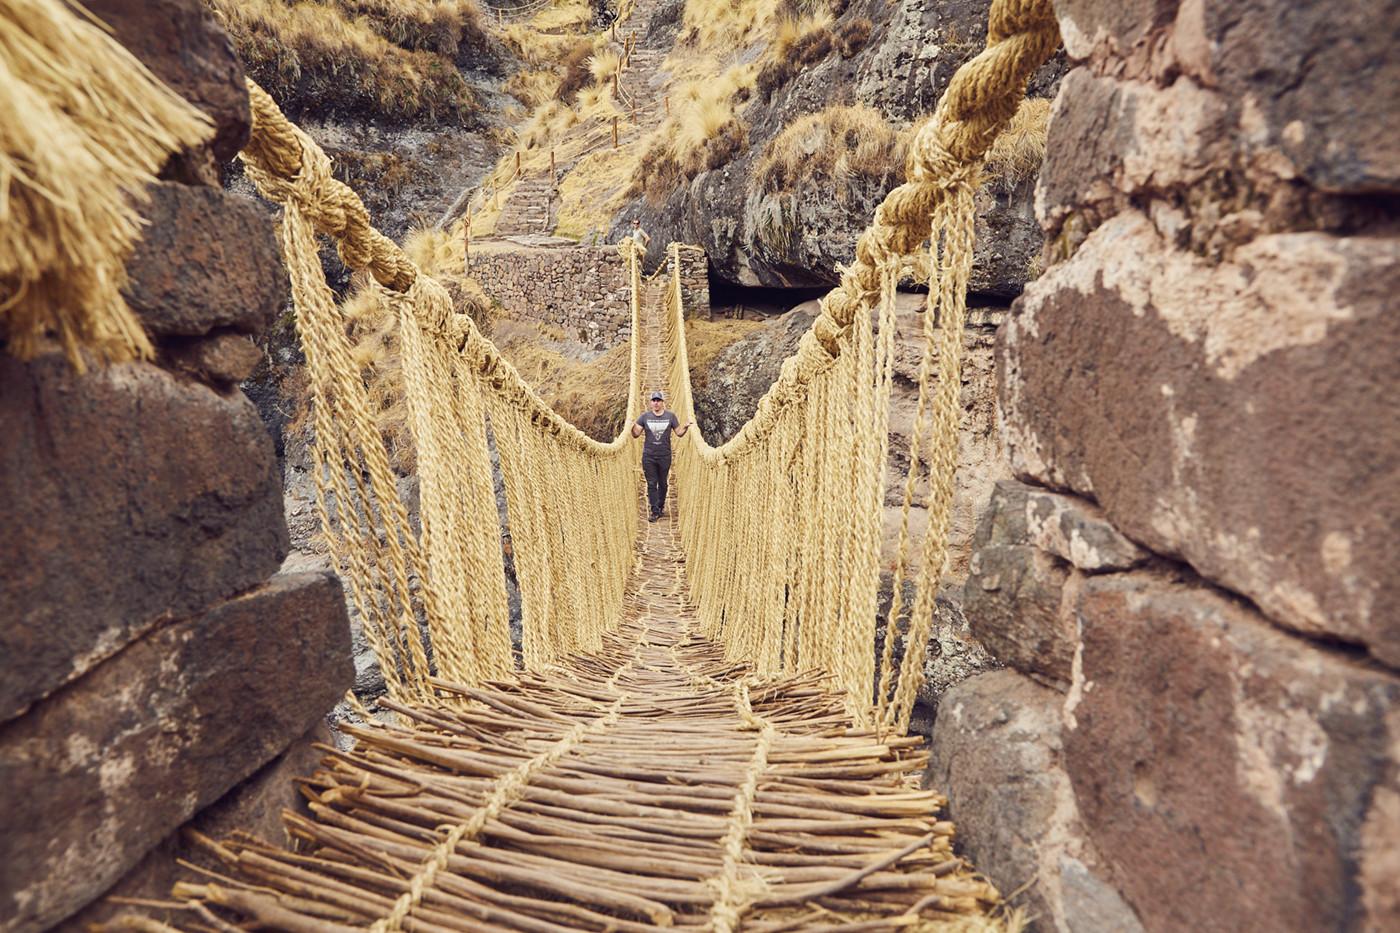 Ronnie beim Überqueren der Grasbrücke in Peru